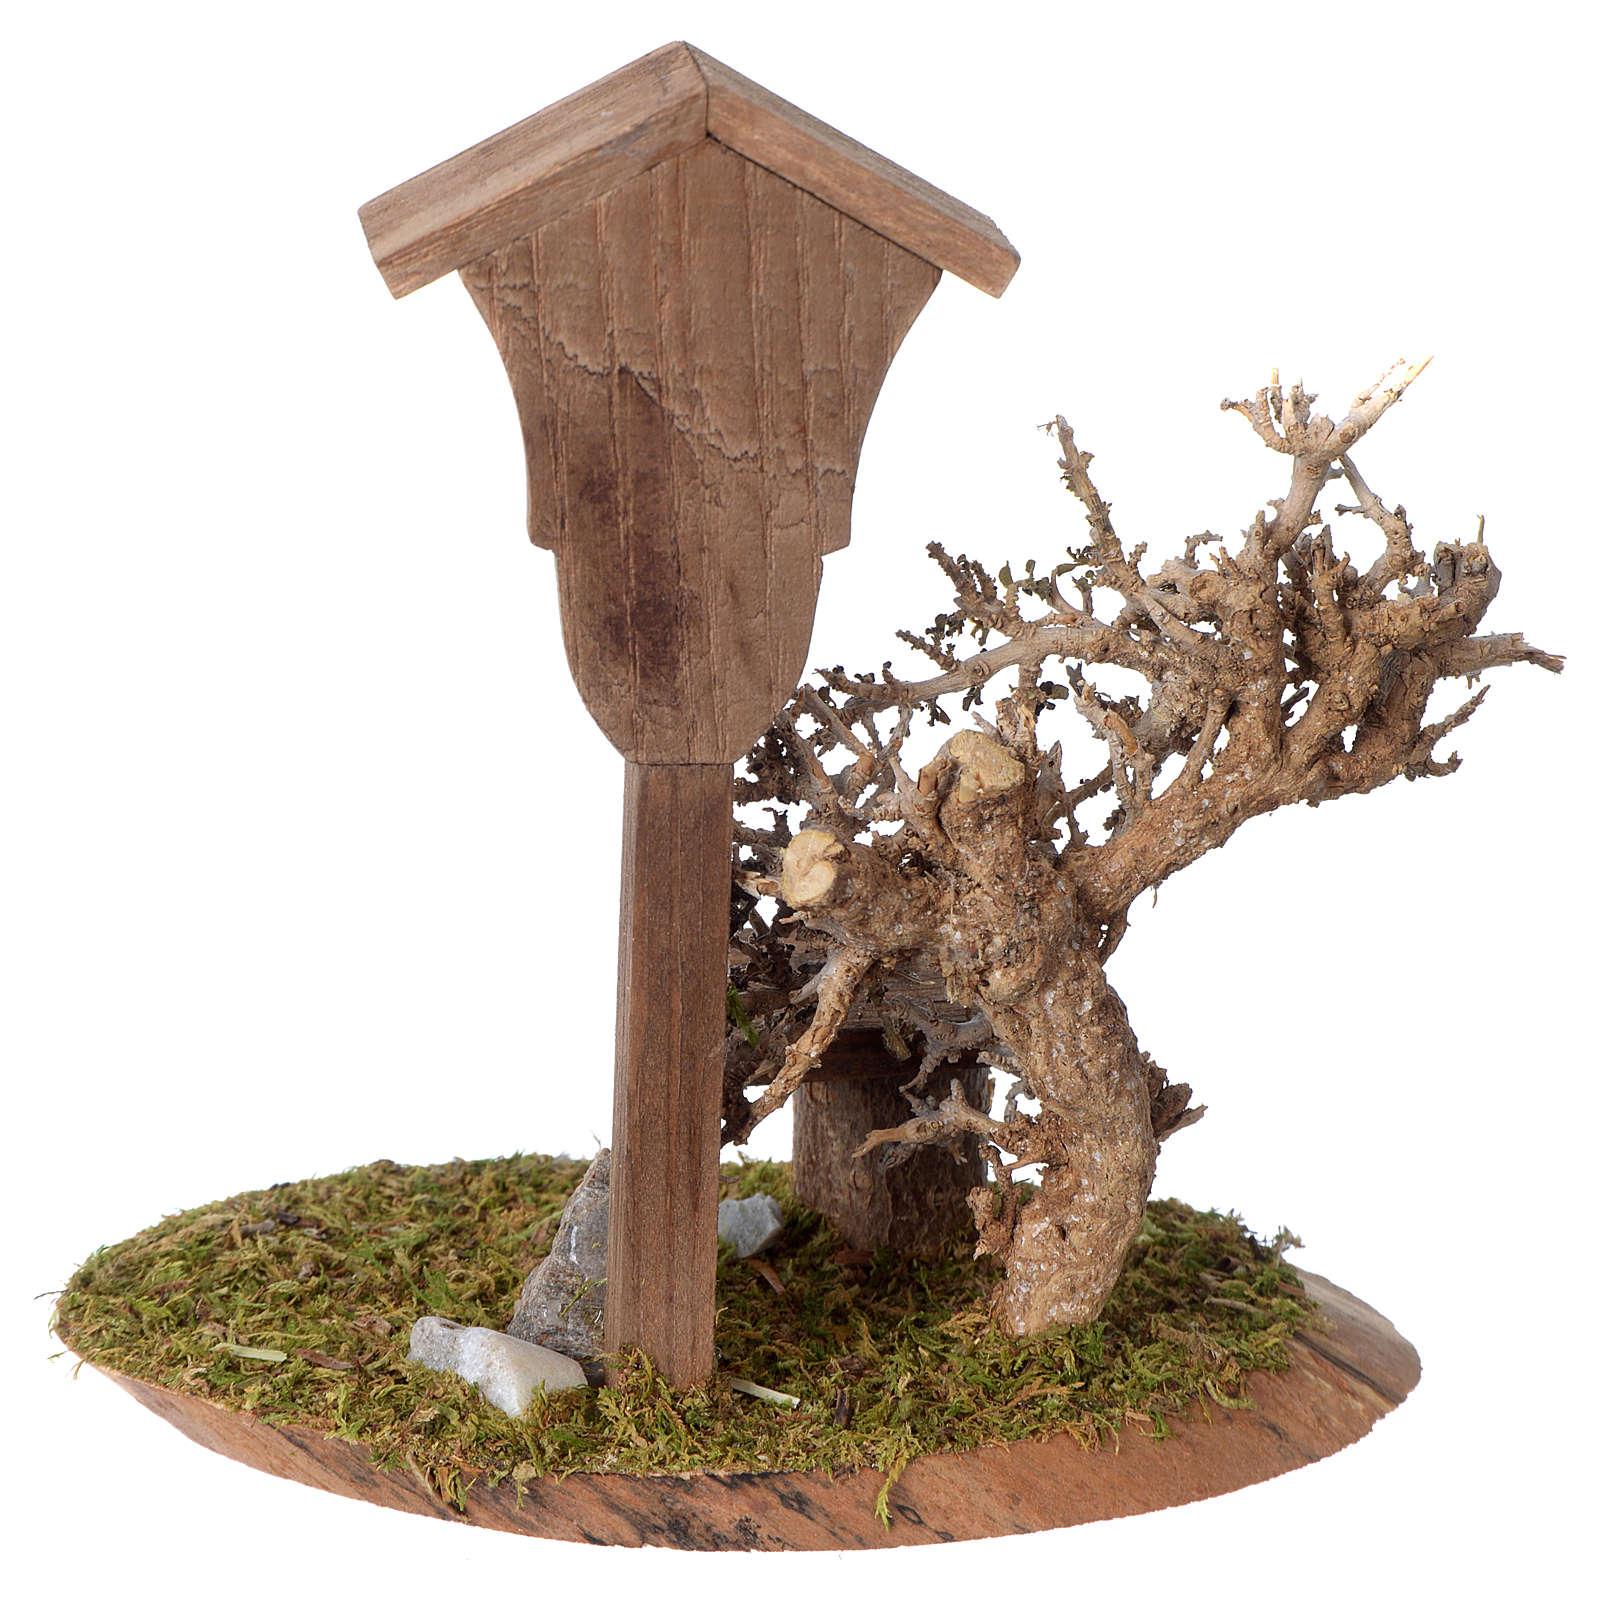 Nicchia con Madonnina artigianale in legno 15x10x5cm per presepe 10-12 cm 4